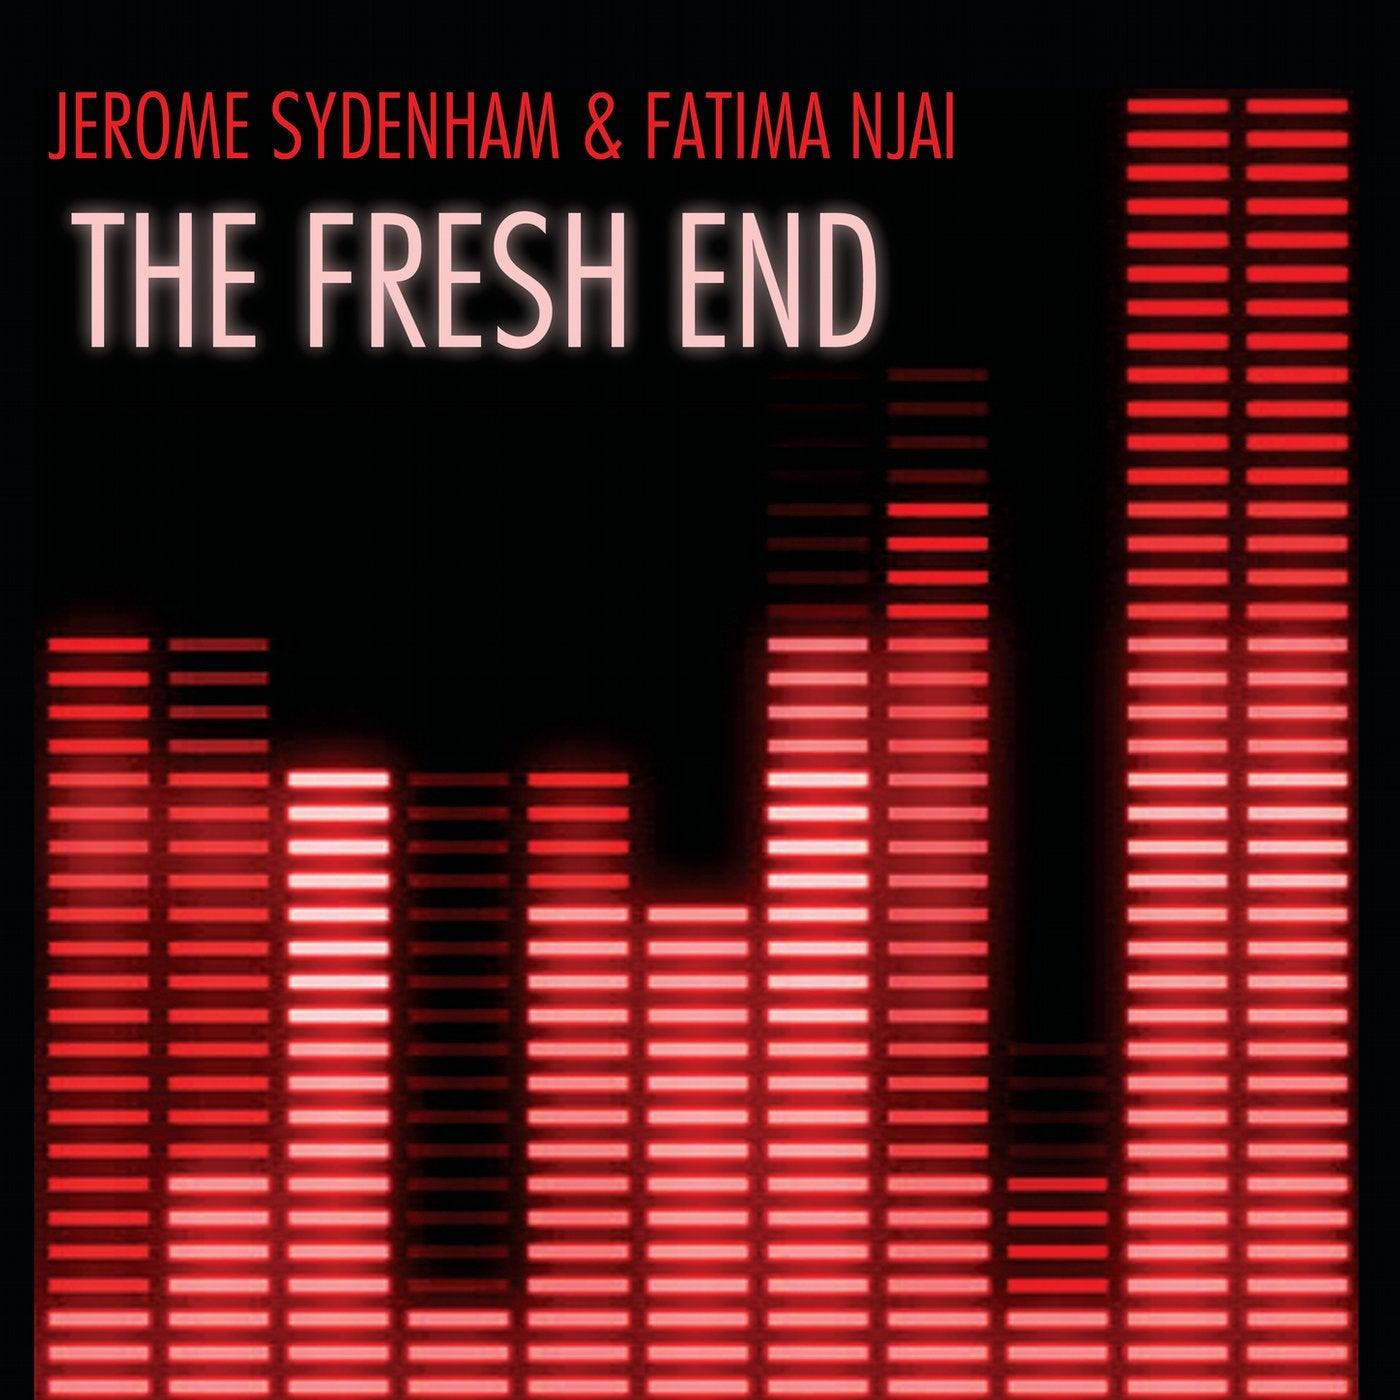 The Fresh End (Original Mix)